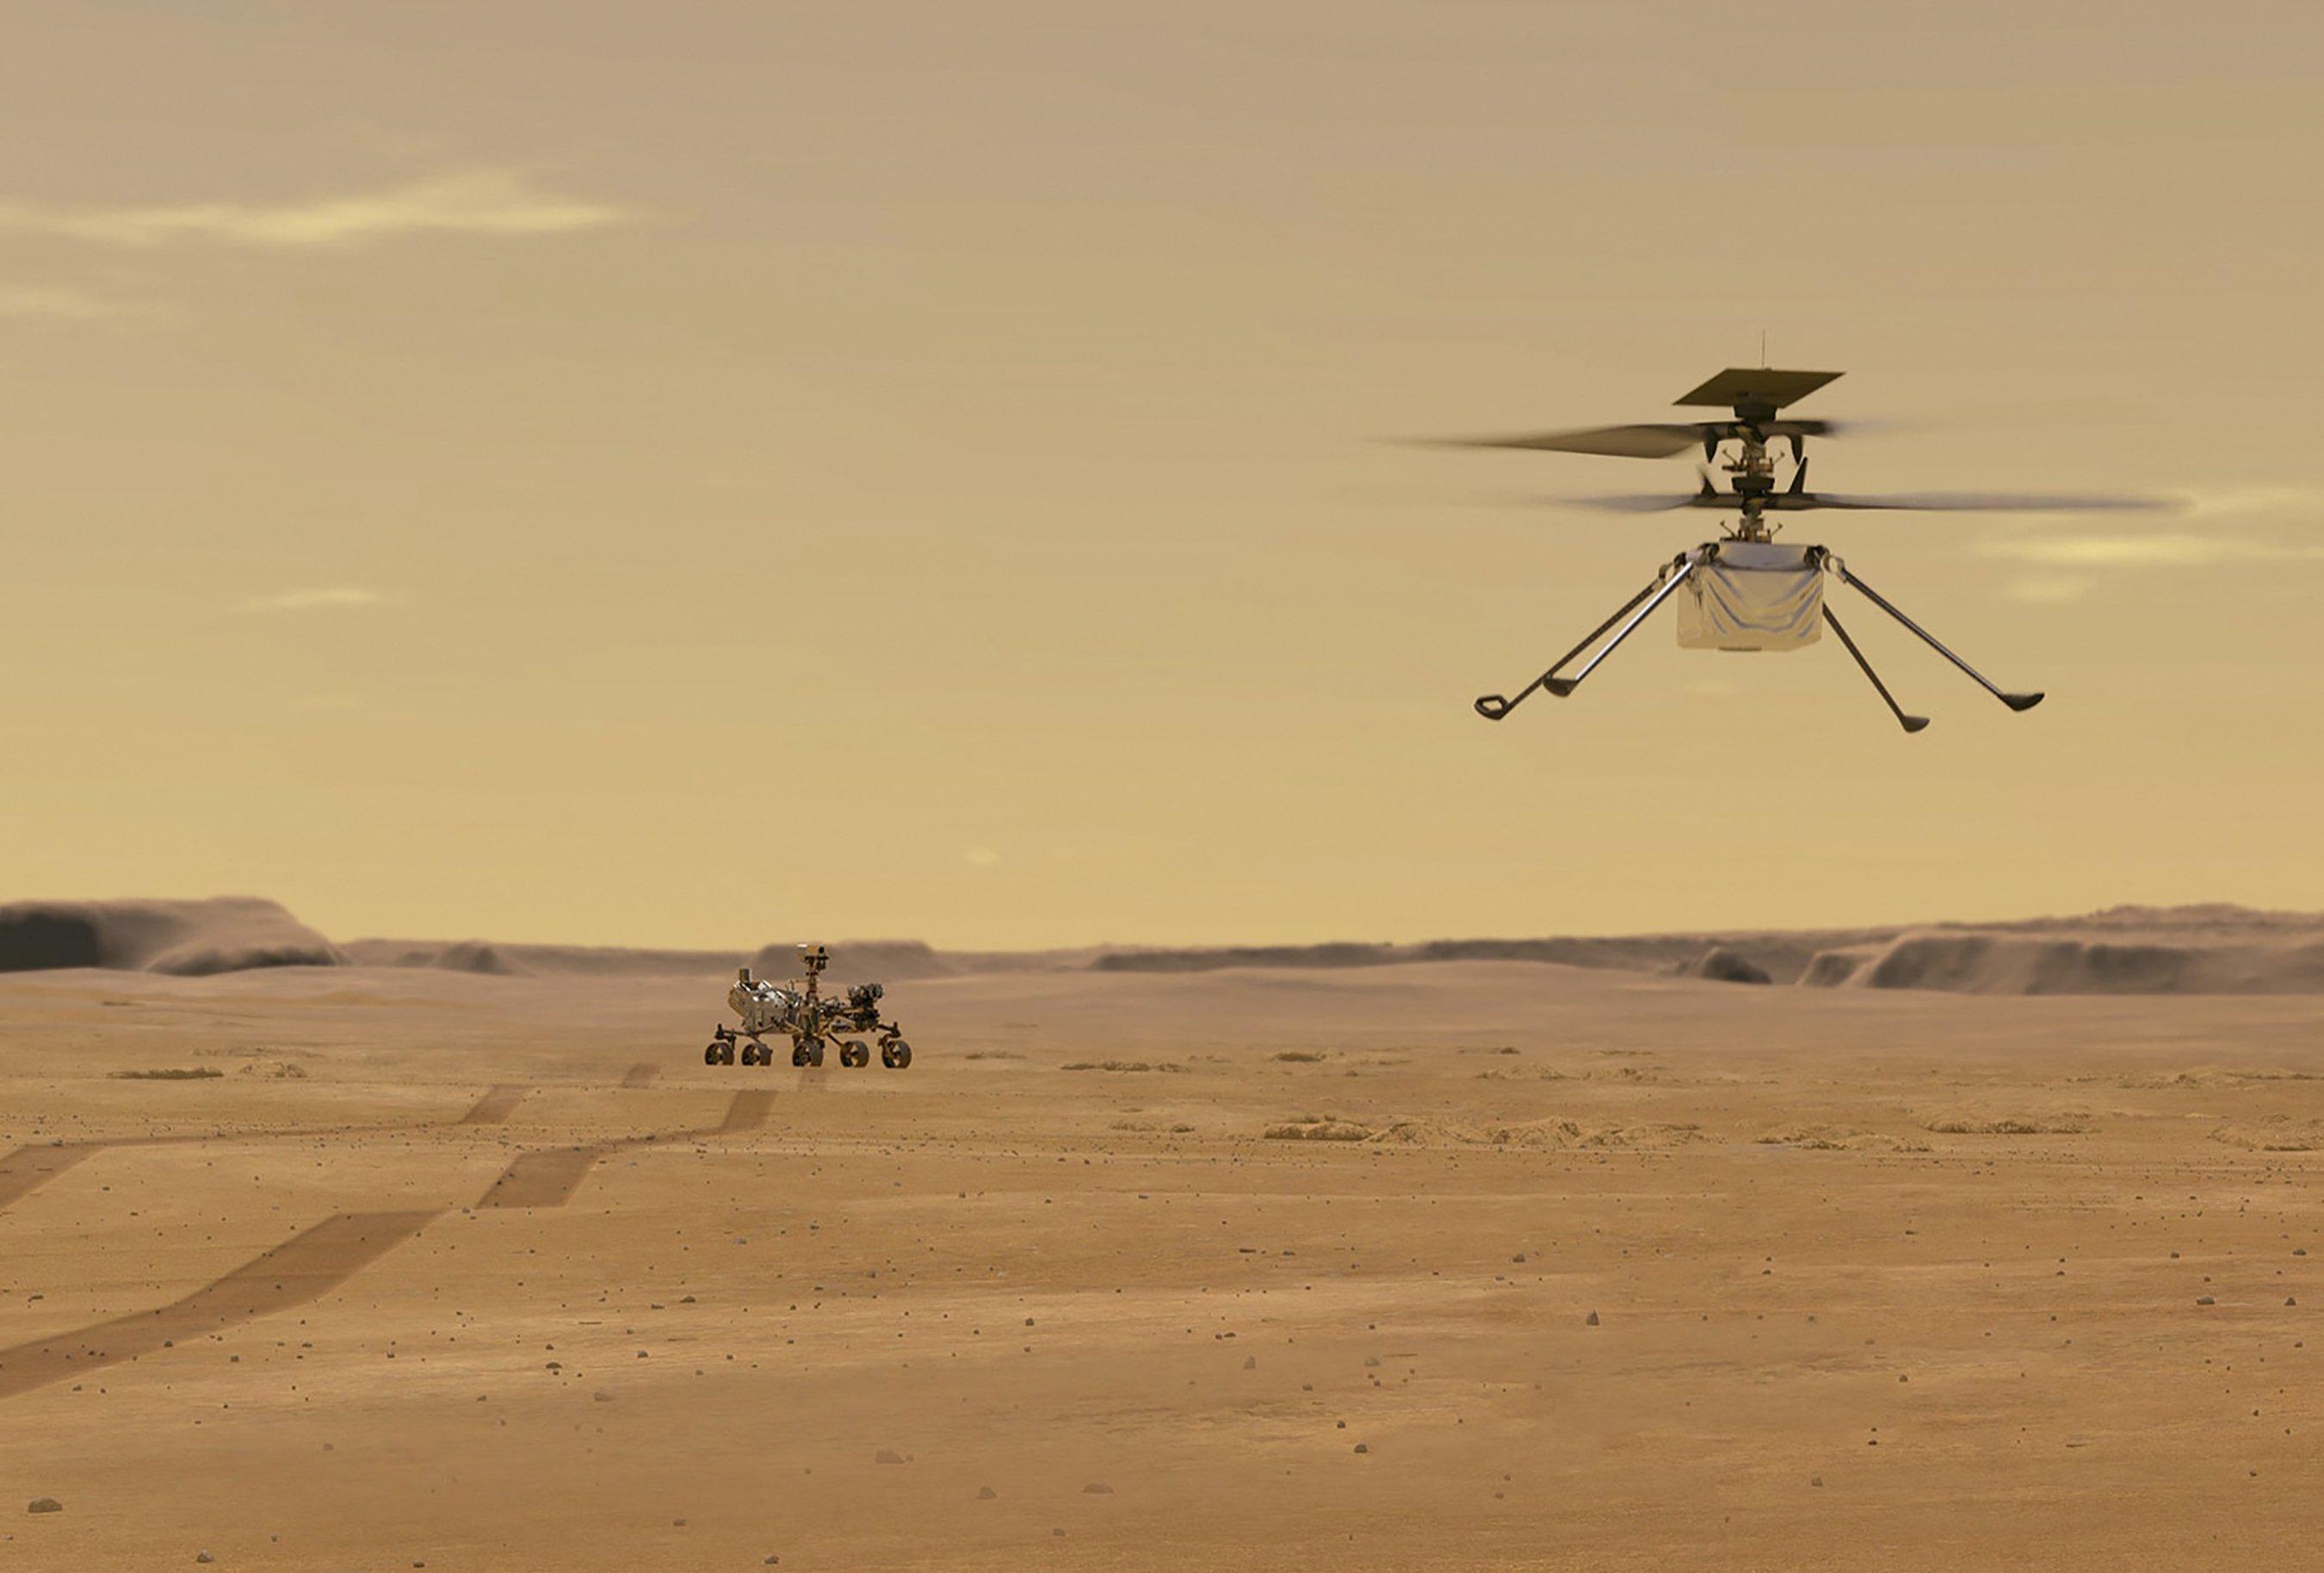 24 Mart 2021'de elde edilen bu NASA fotoğrafı, Mars'taki bir test uçuşu sırasında Mars Helikopteri Zekasını tasvir eden bir çizimi gösteriyor. (AFP aracılığıyla NASA Bildiri Fotoğrafı)